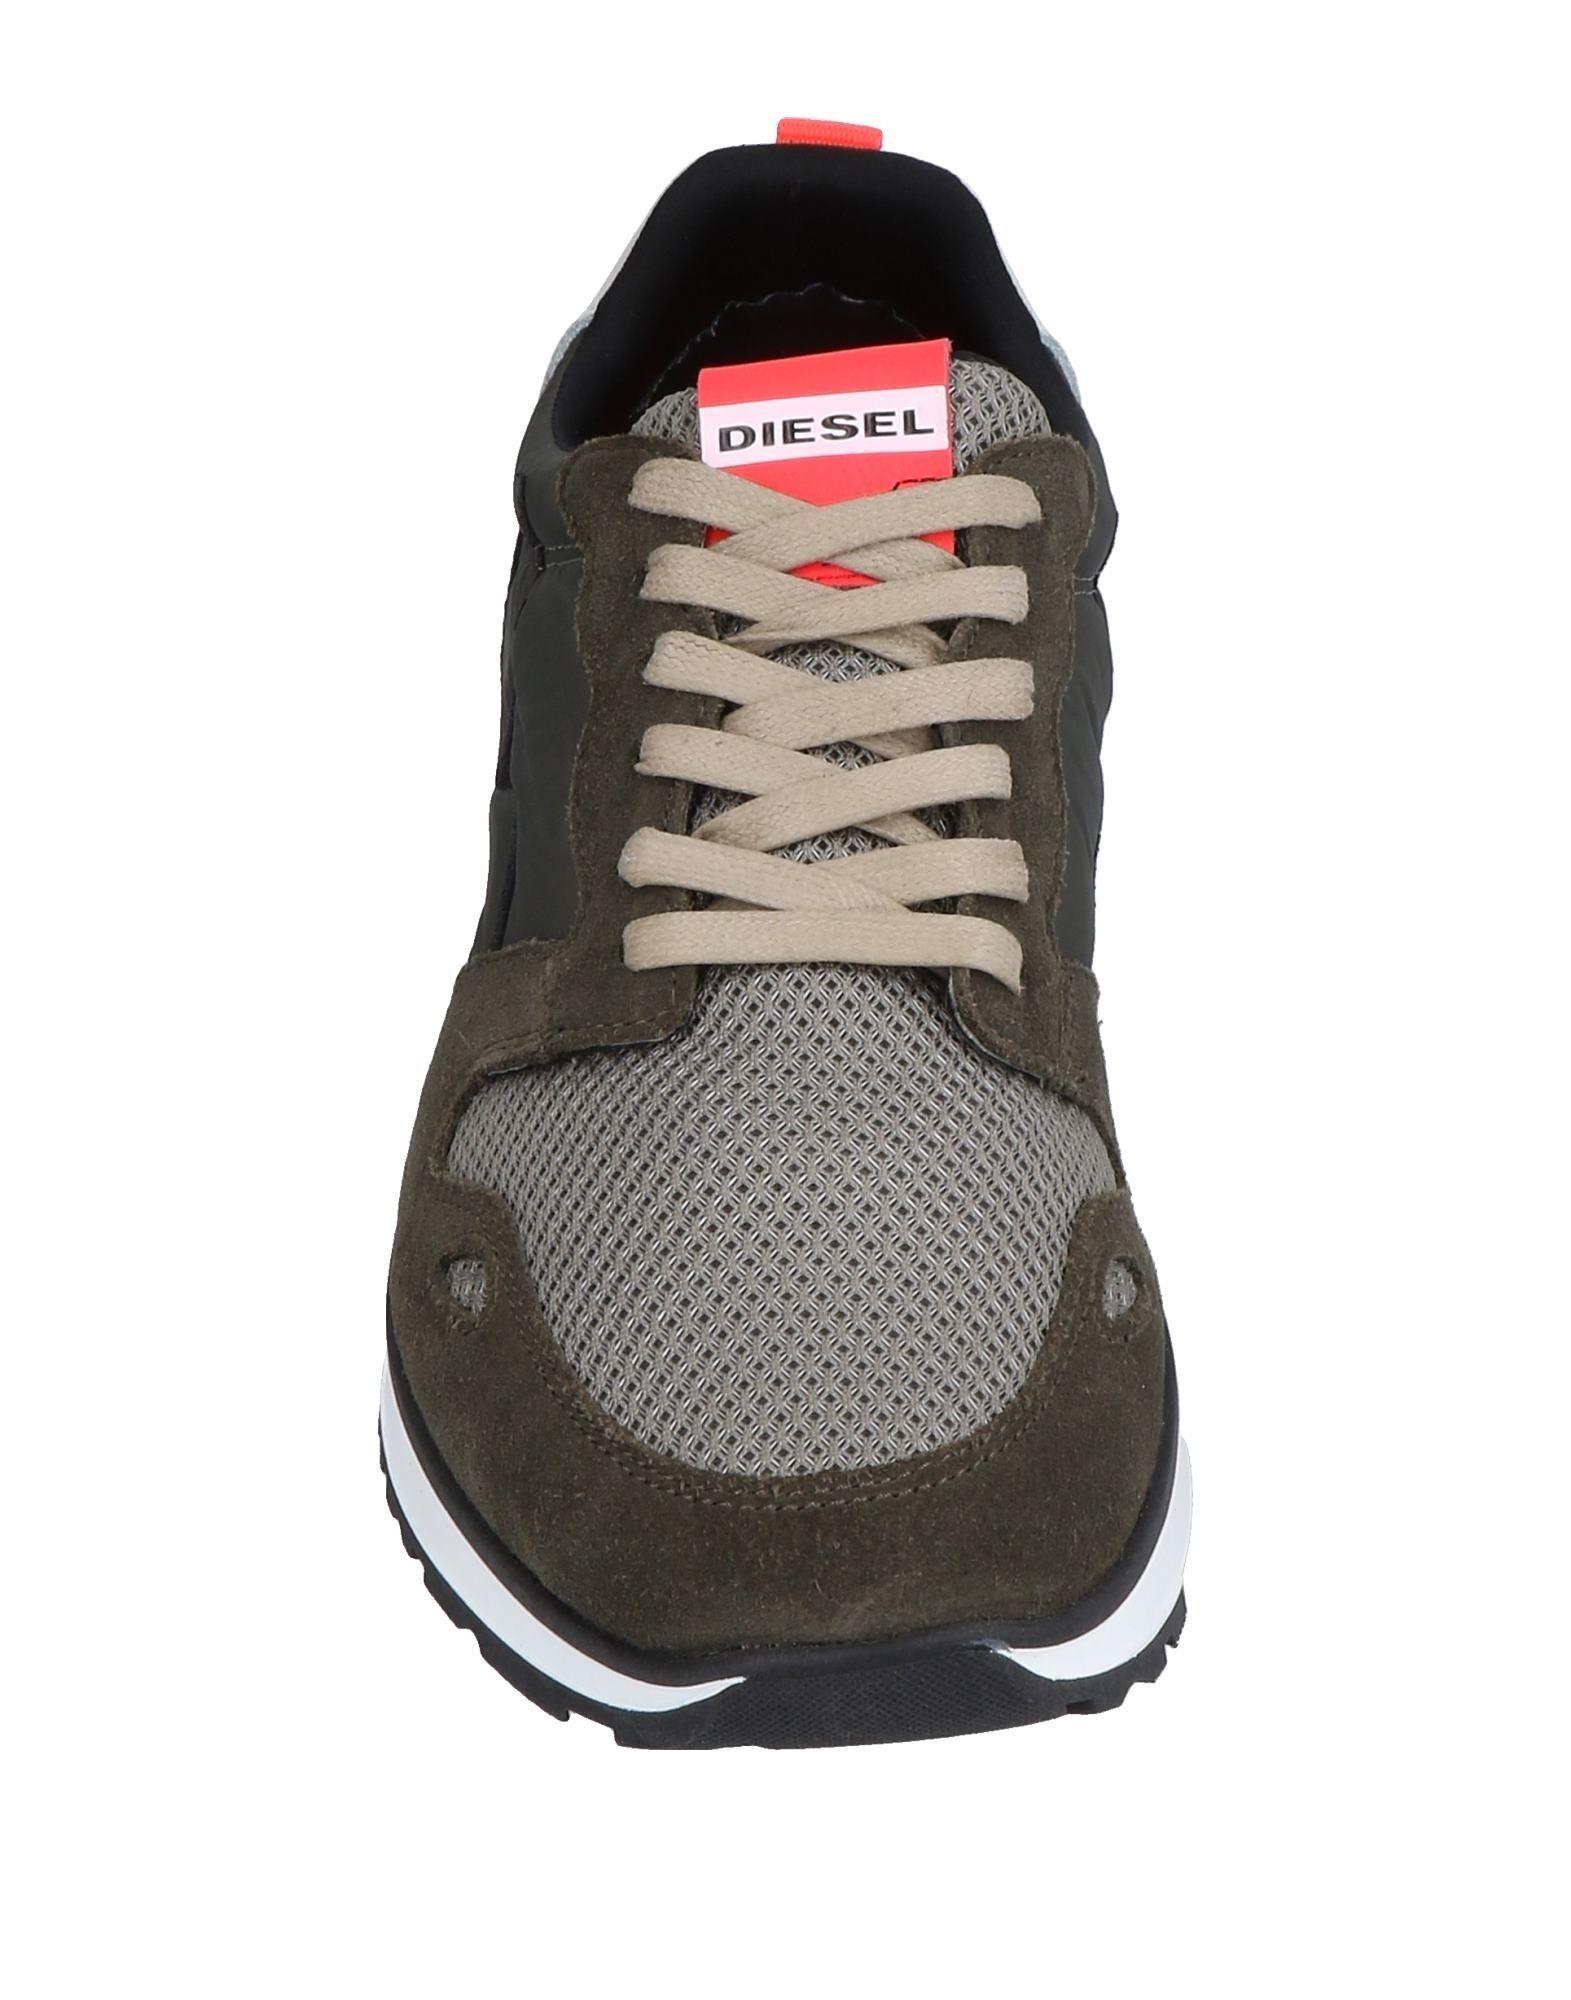 Herren Diesel Sneakers Herren   11496850FO Heiße Schuhe 05097e